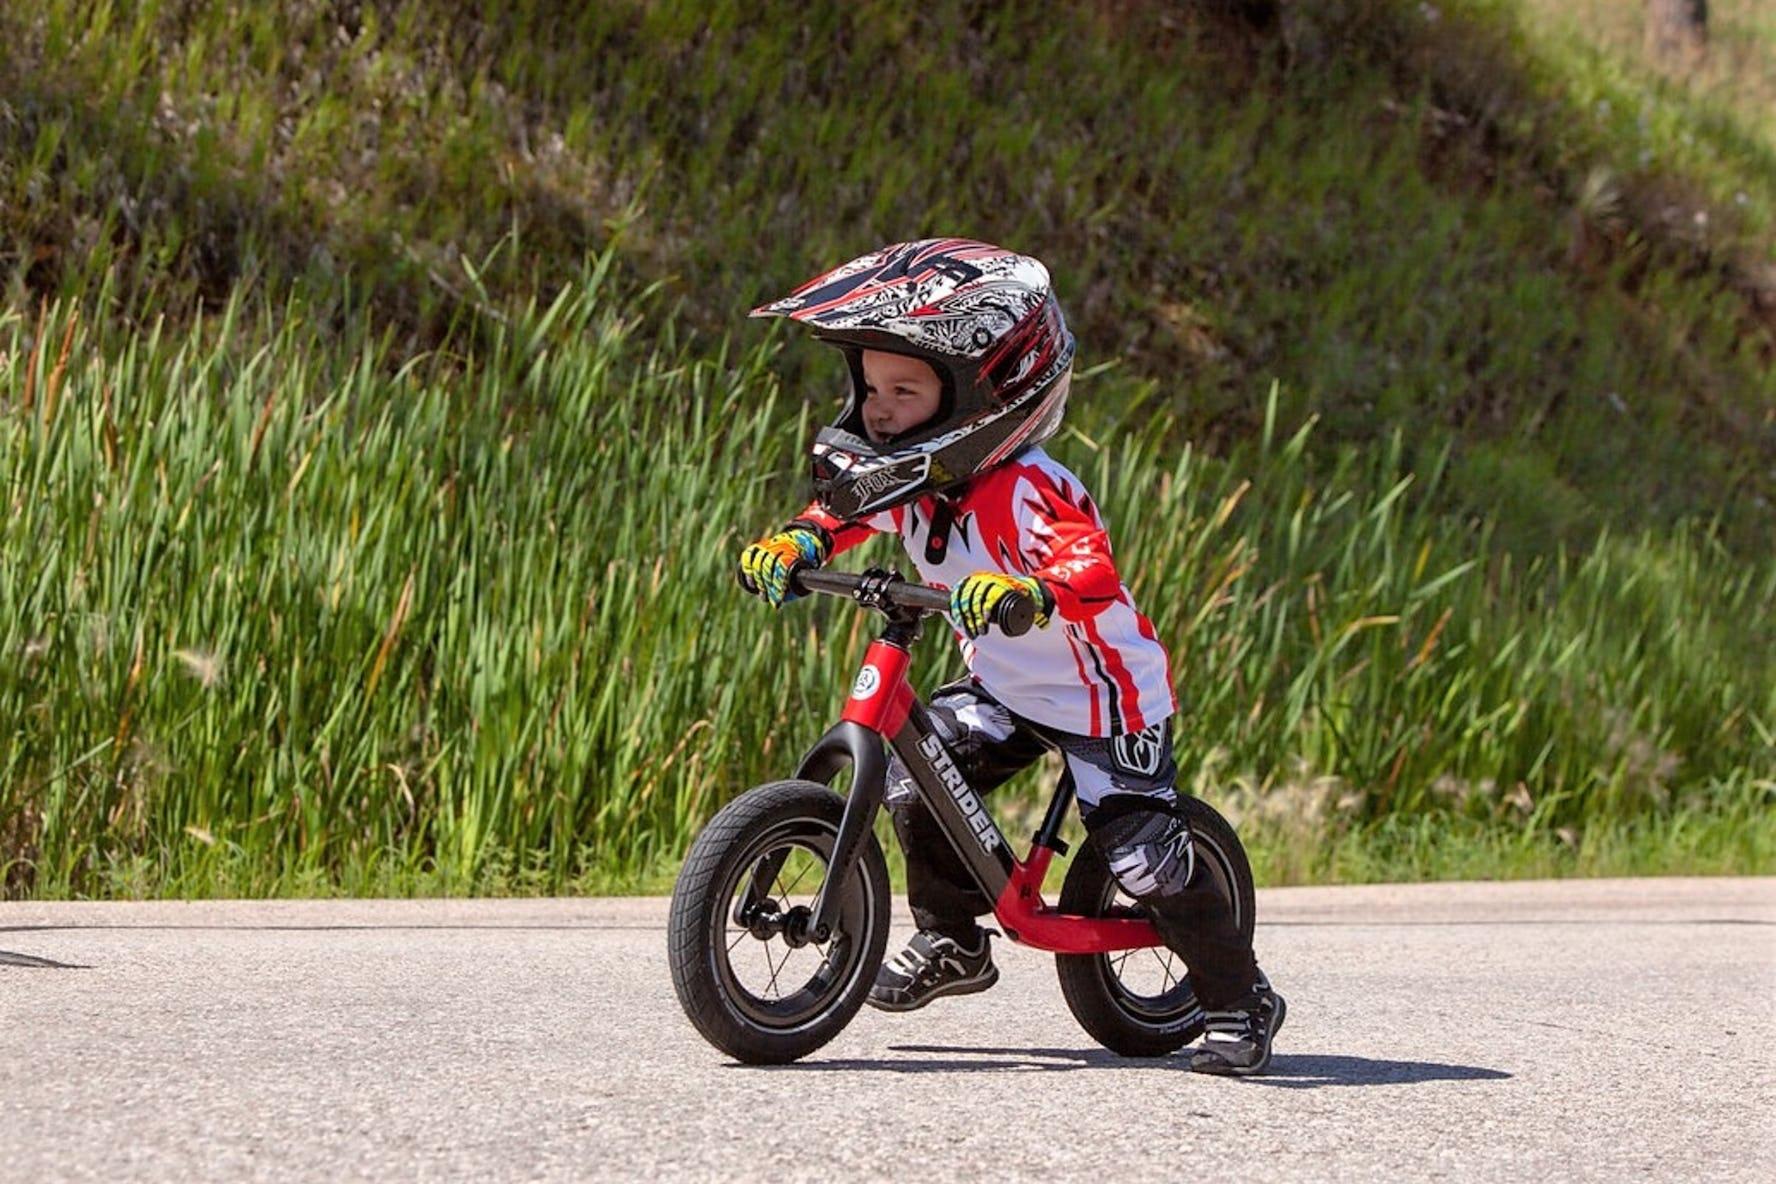 baf6953180a Strider Bikes Announces Strider 12 ST-R Balance Bike - Racer X Online